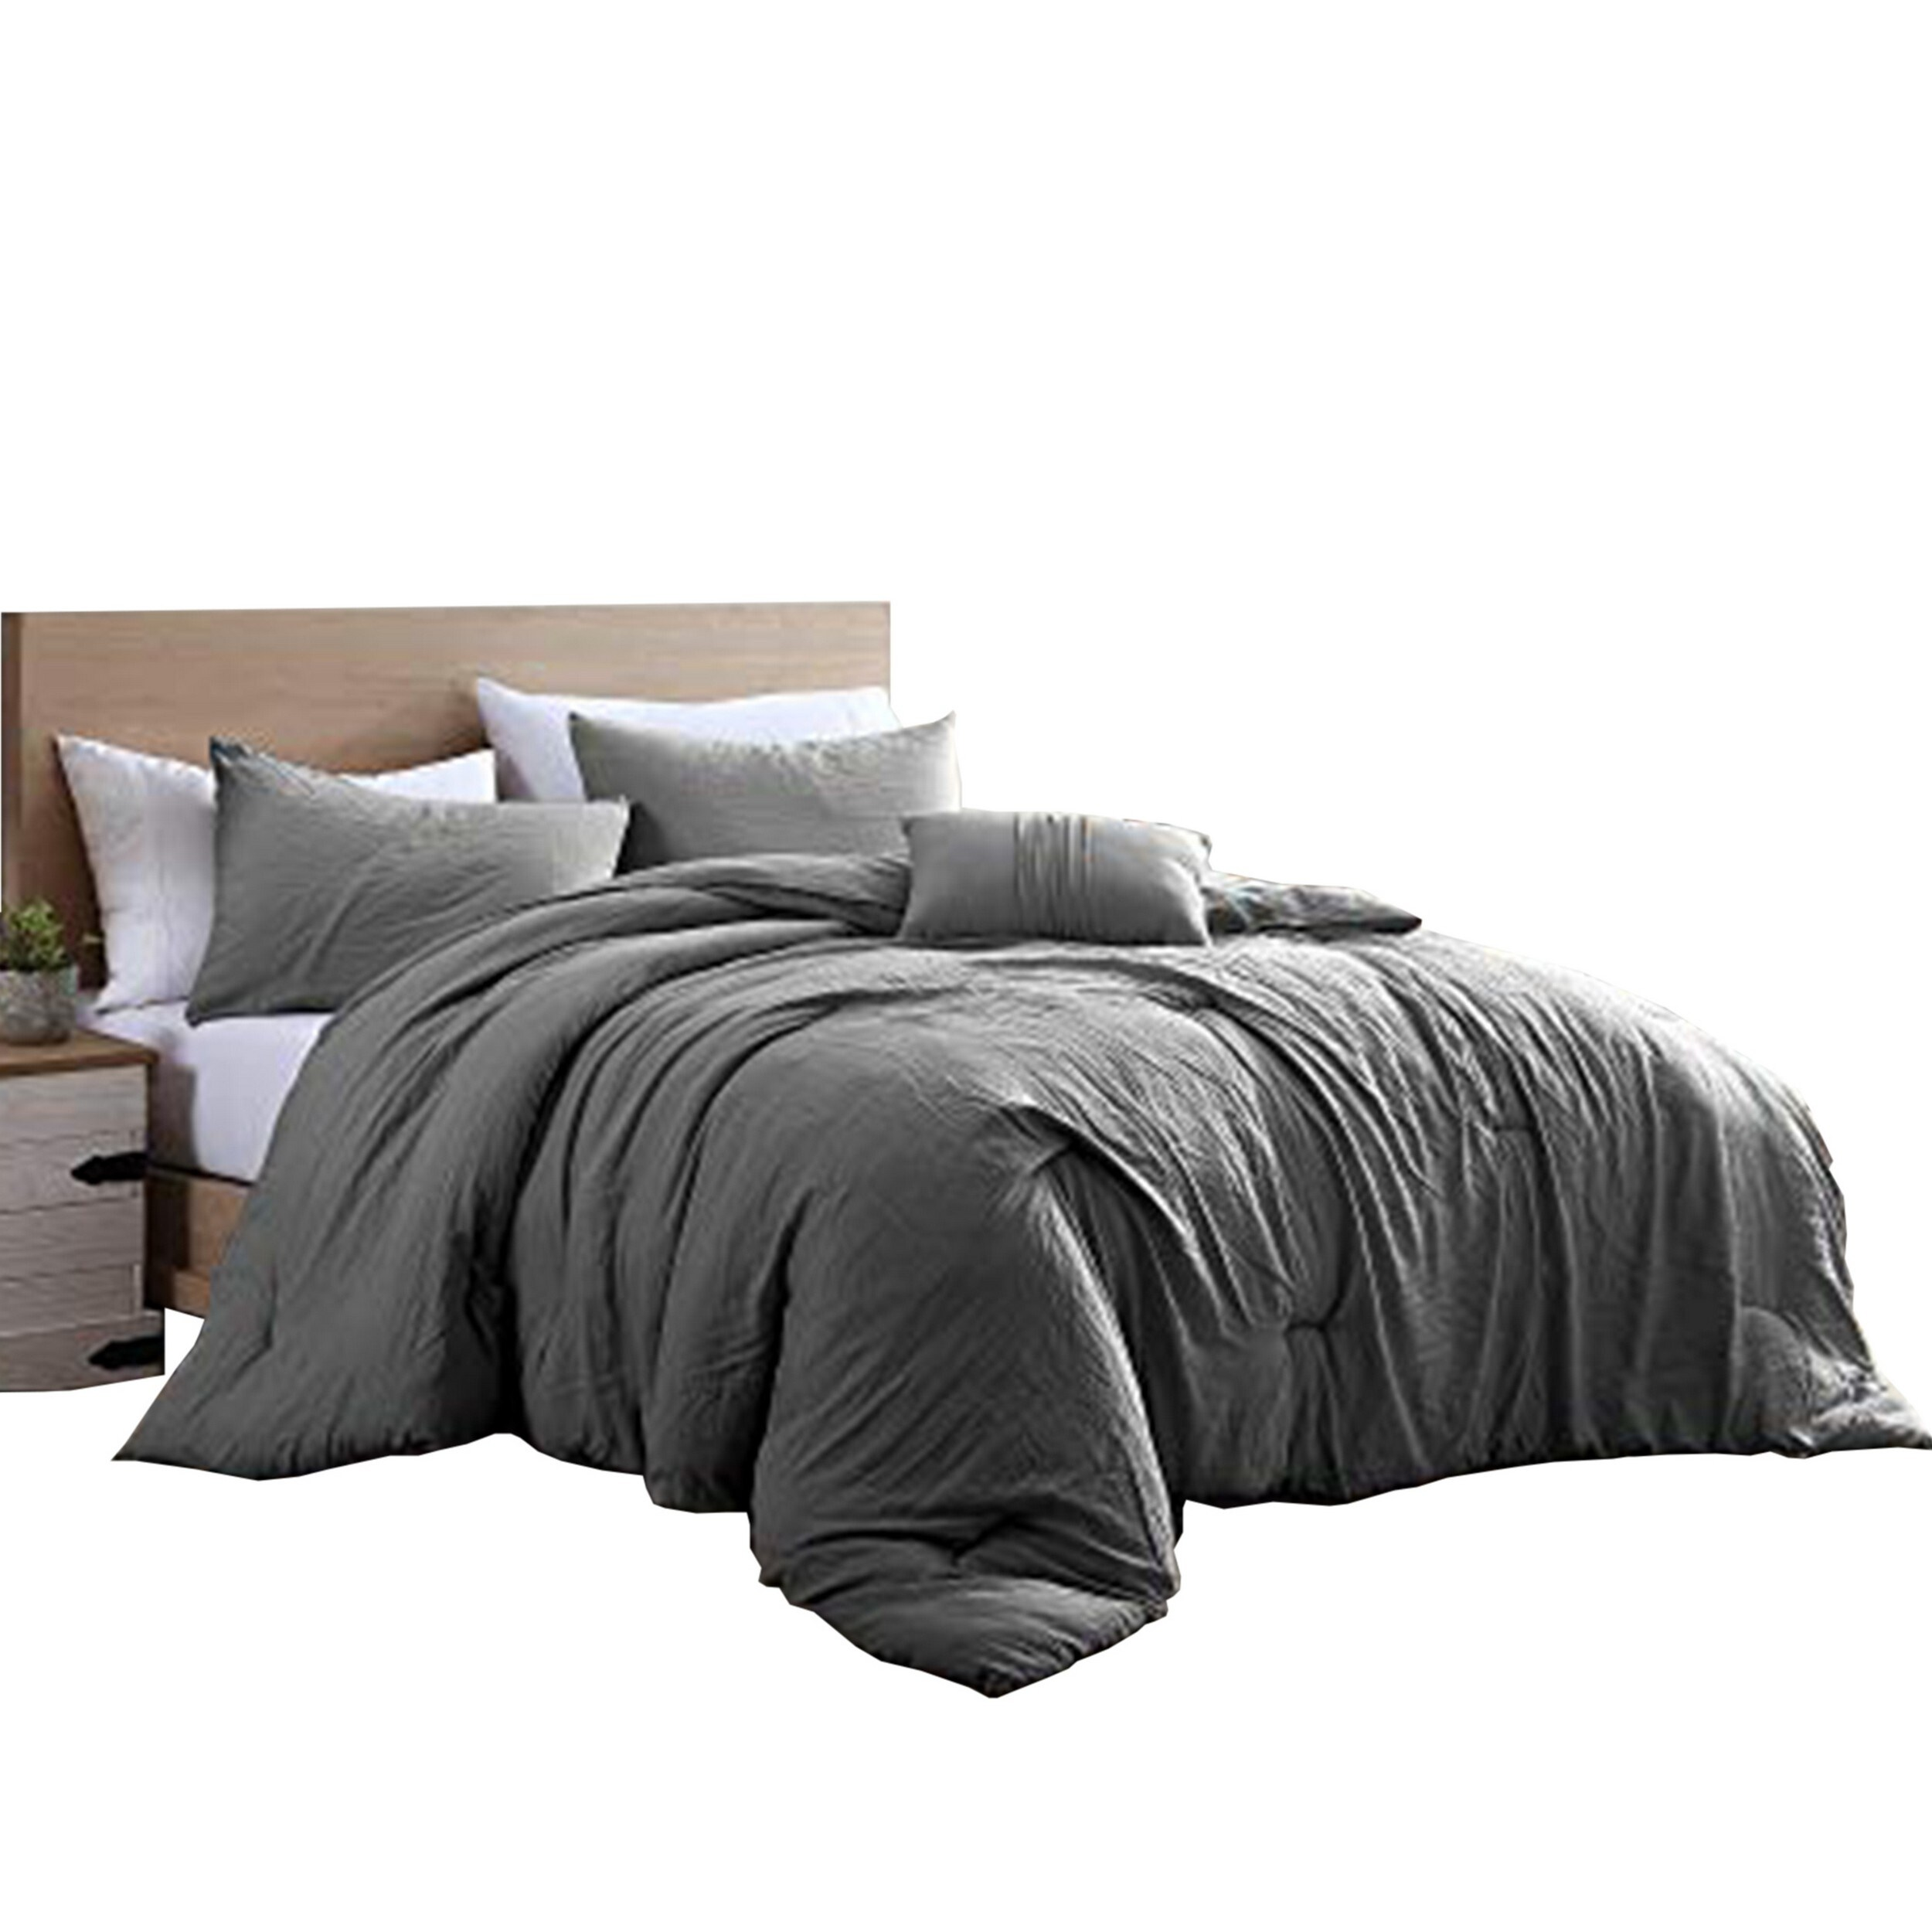 Helsinki 4 Piece Textured Microfiber Queen Comforter Set The Urban Port Charcoal Gray On Sale Overstock 32269584